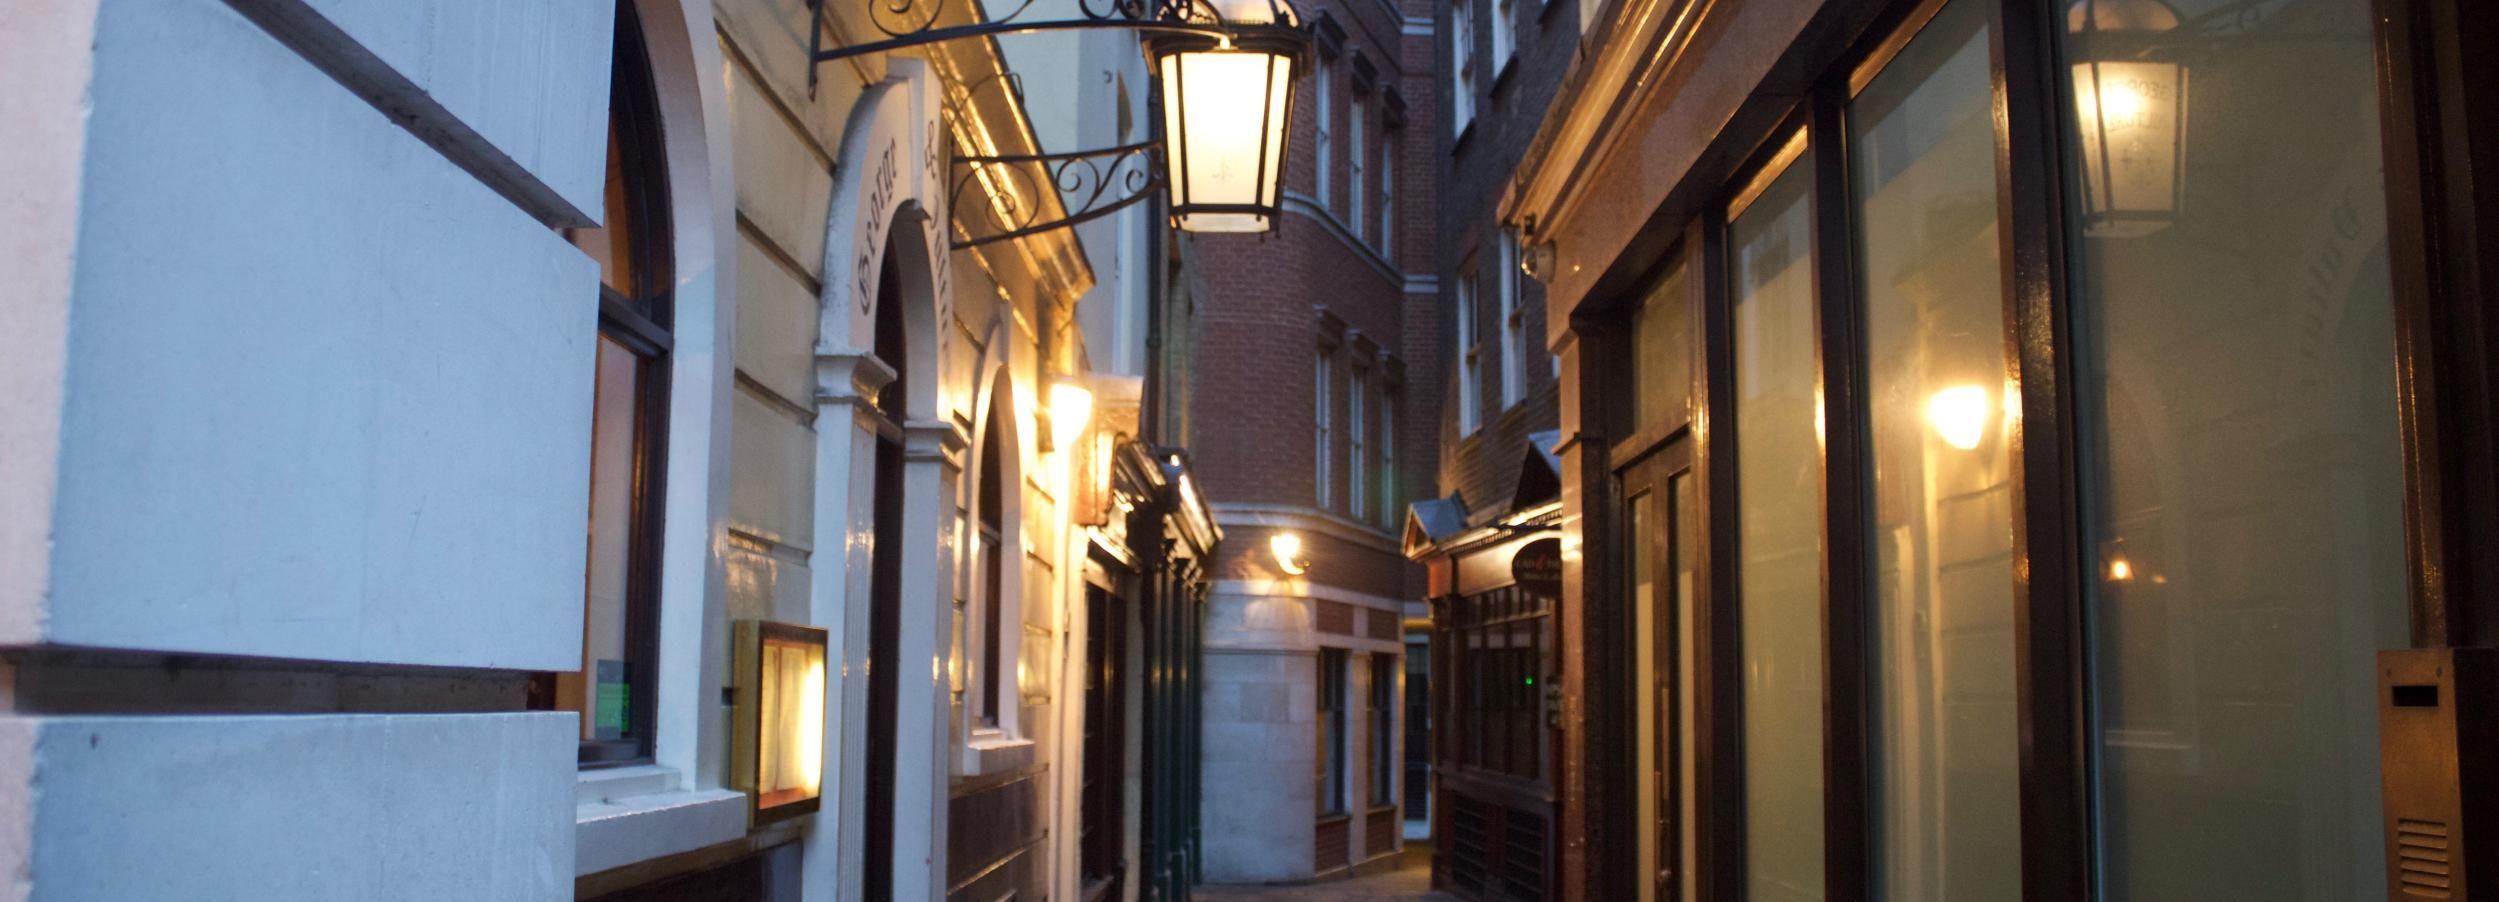 Londres: visite à pied sur les pas de Charles Dickens